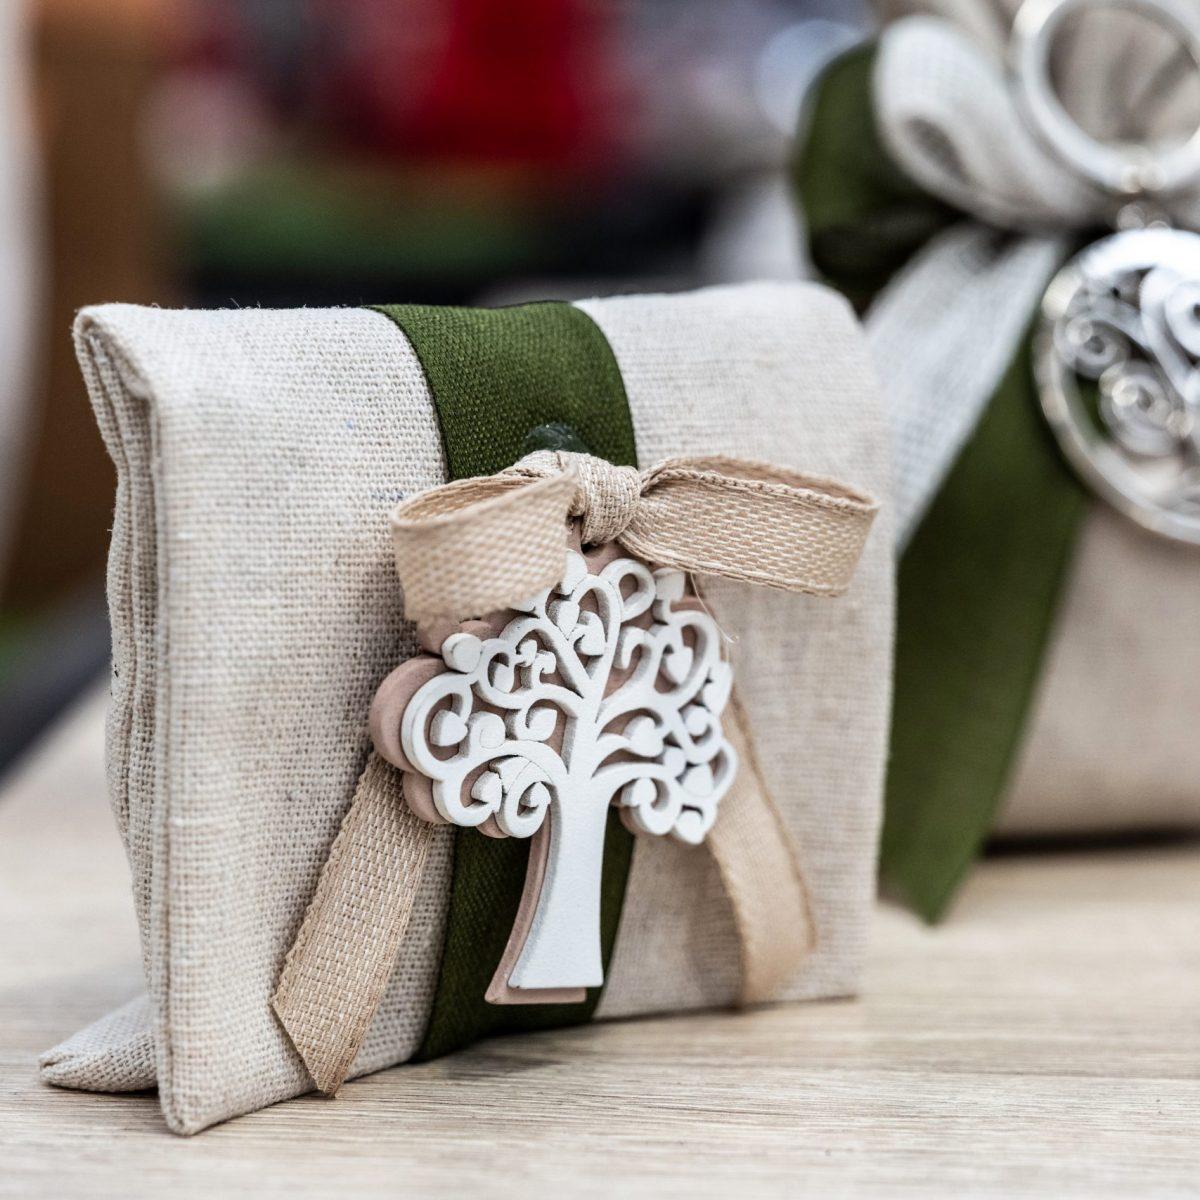 Bomboniere-per-matrimonio-2021-allestimenti-raffinati-e-confettate-golose-per-un-matrimonio-elegante-e-indimenticabile4-scaled